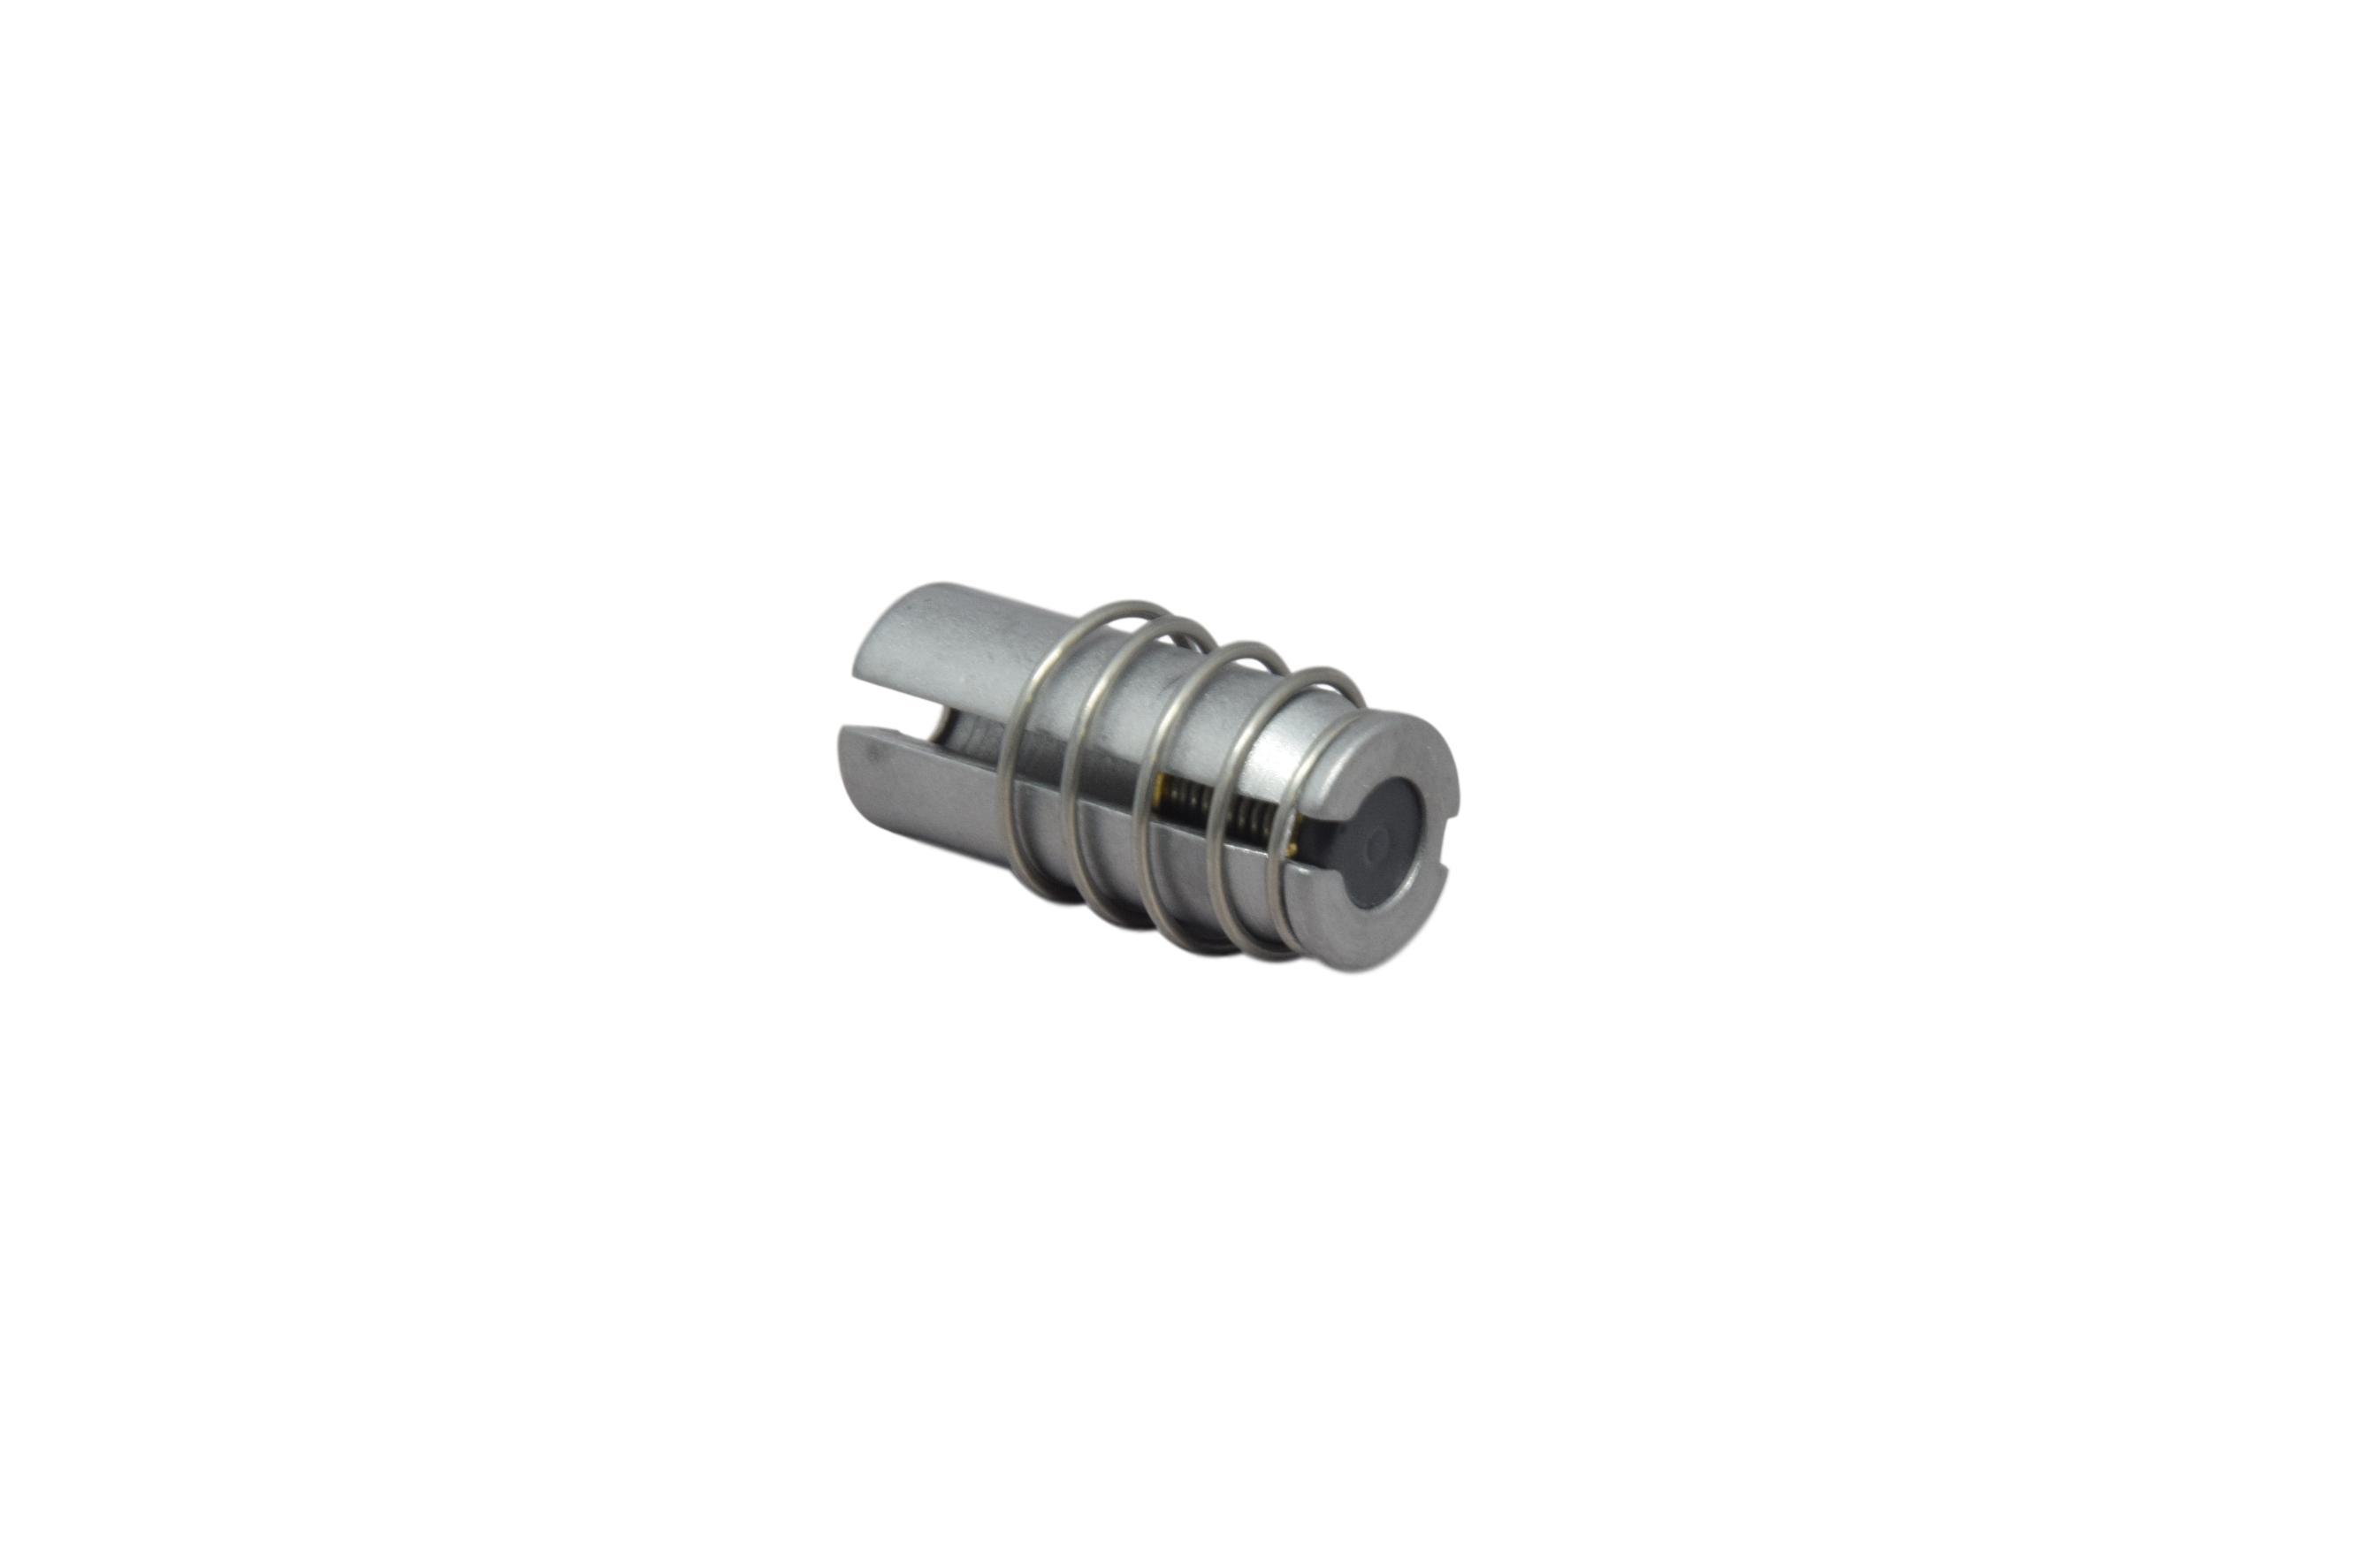 2 way solenoid valve plunger